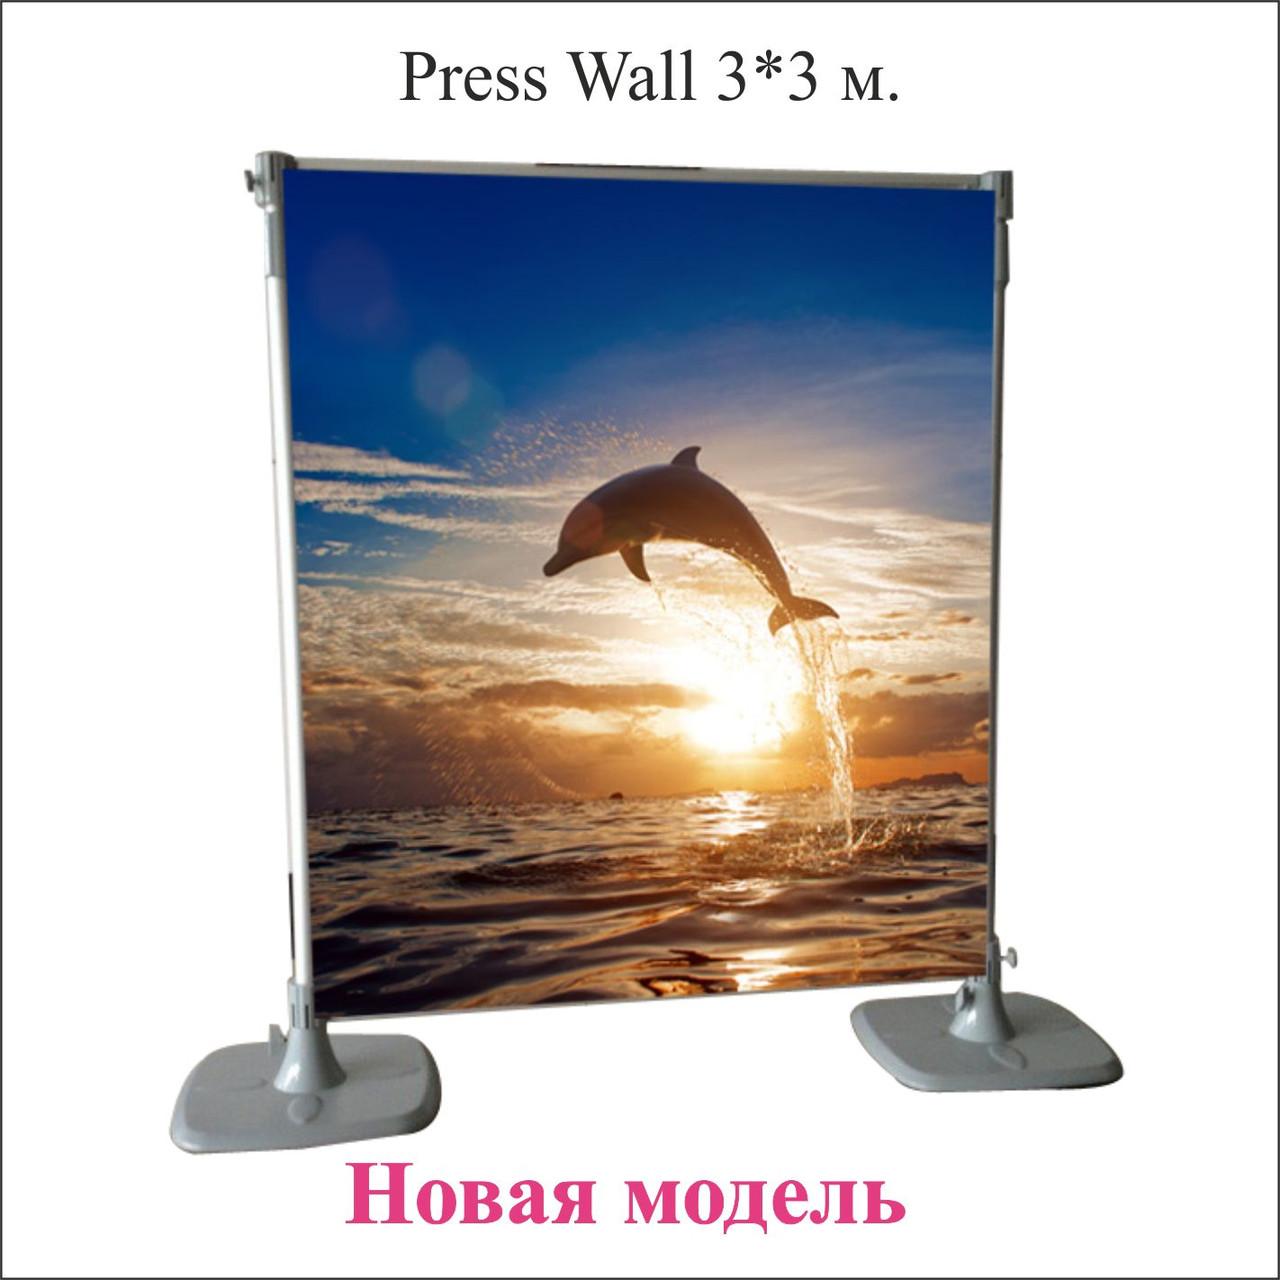 Пресс стена 3х3м.